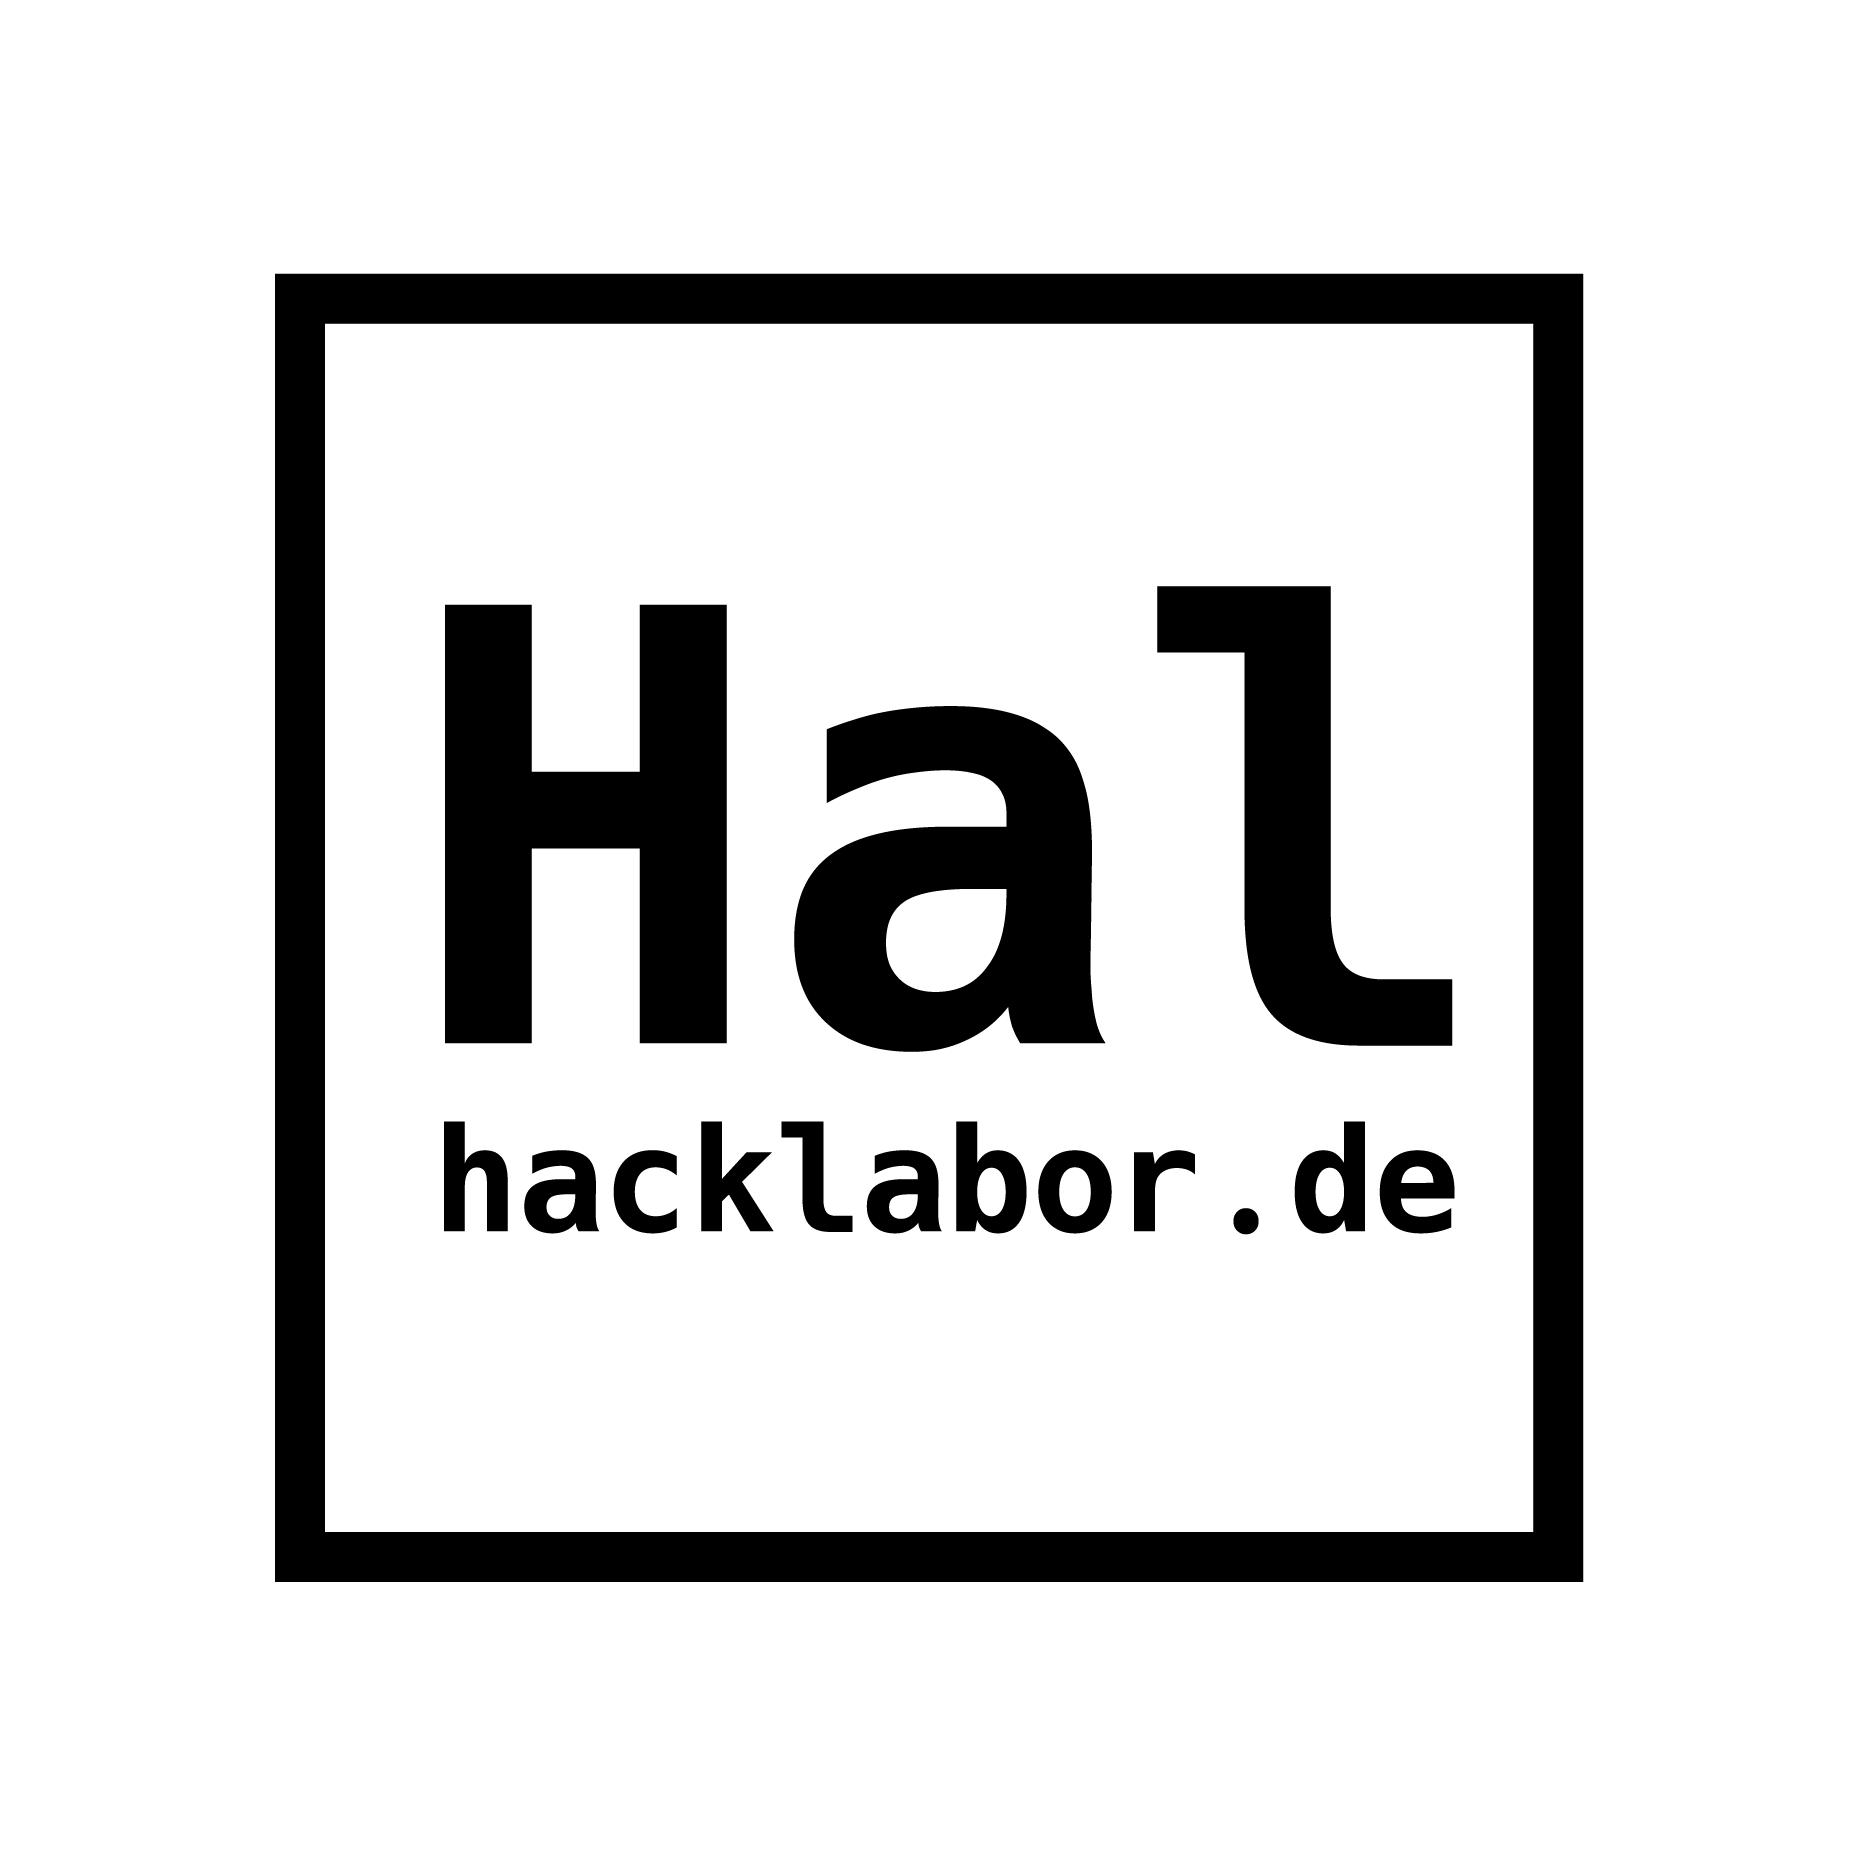 hacklabor.de